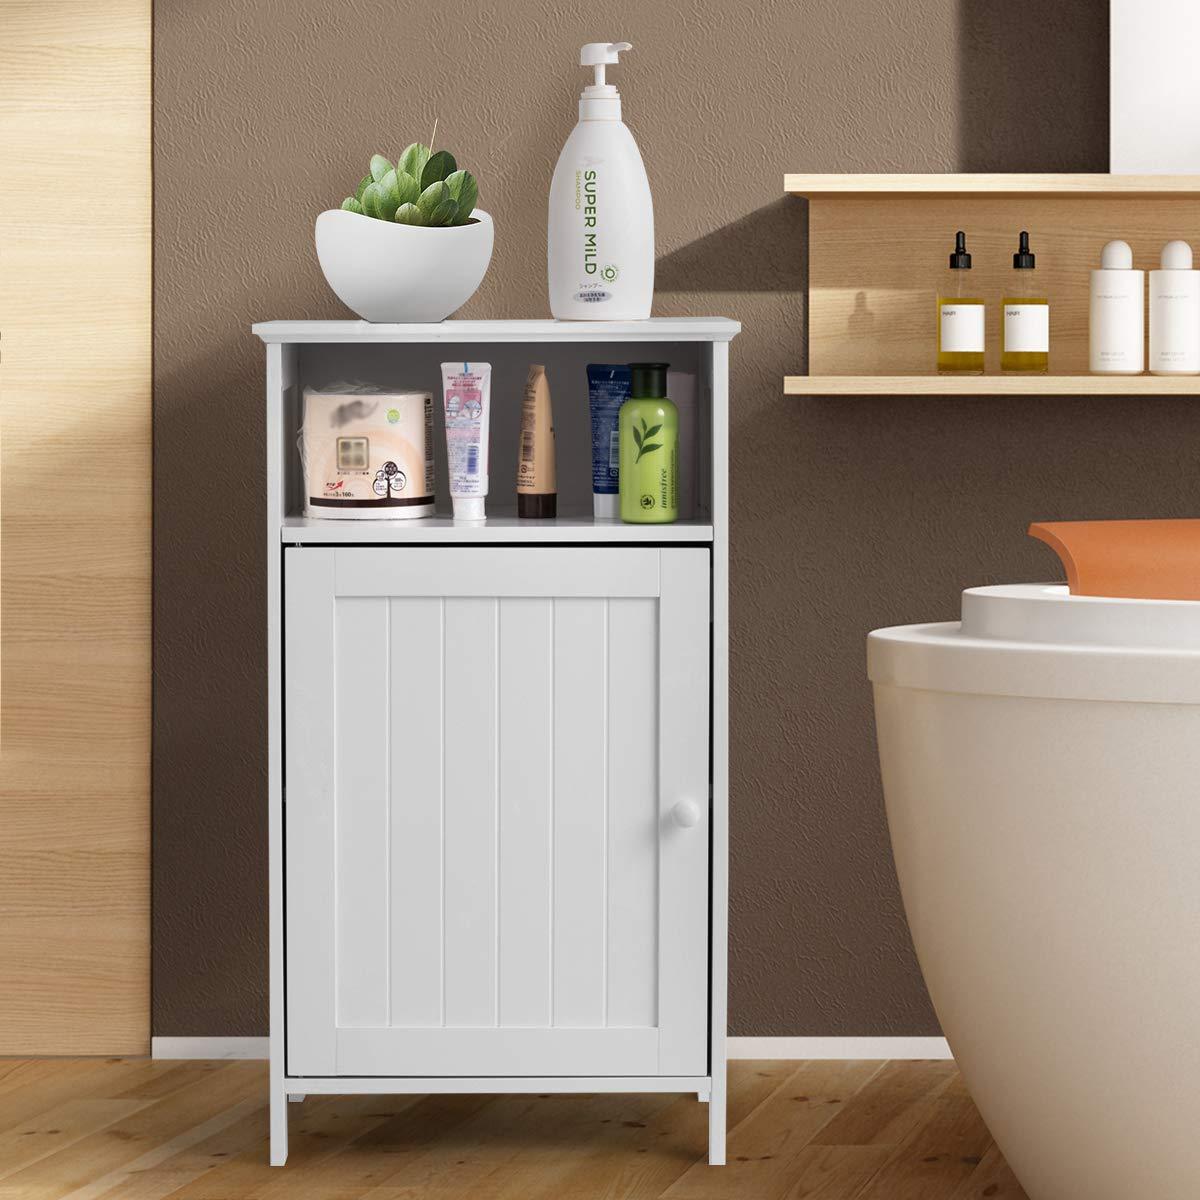 Tangkula Bathroom Floor Storage Cabinet 27.5 with Door Home Living Room Bedroom Sturdy Wooden Modern Side Cabinet Organizer Storage Cabinet Furniture